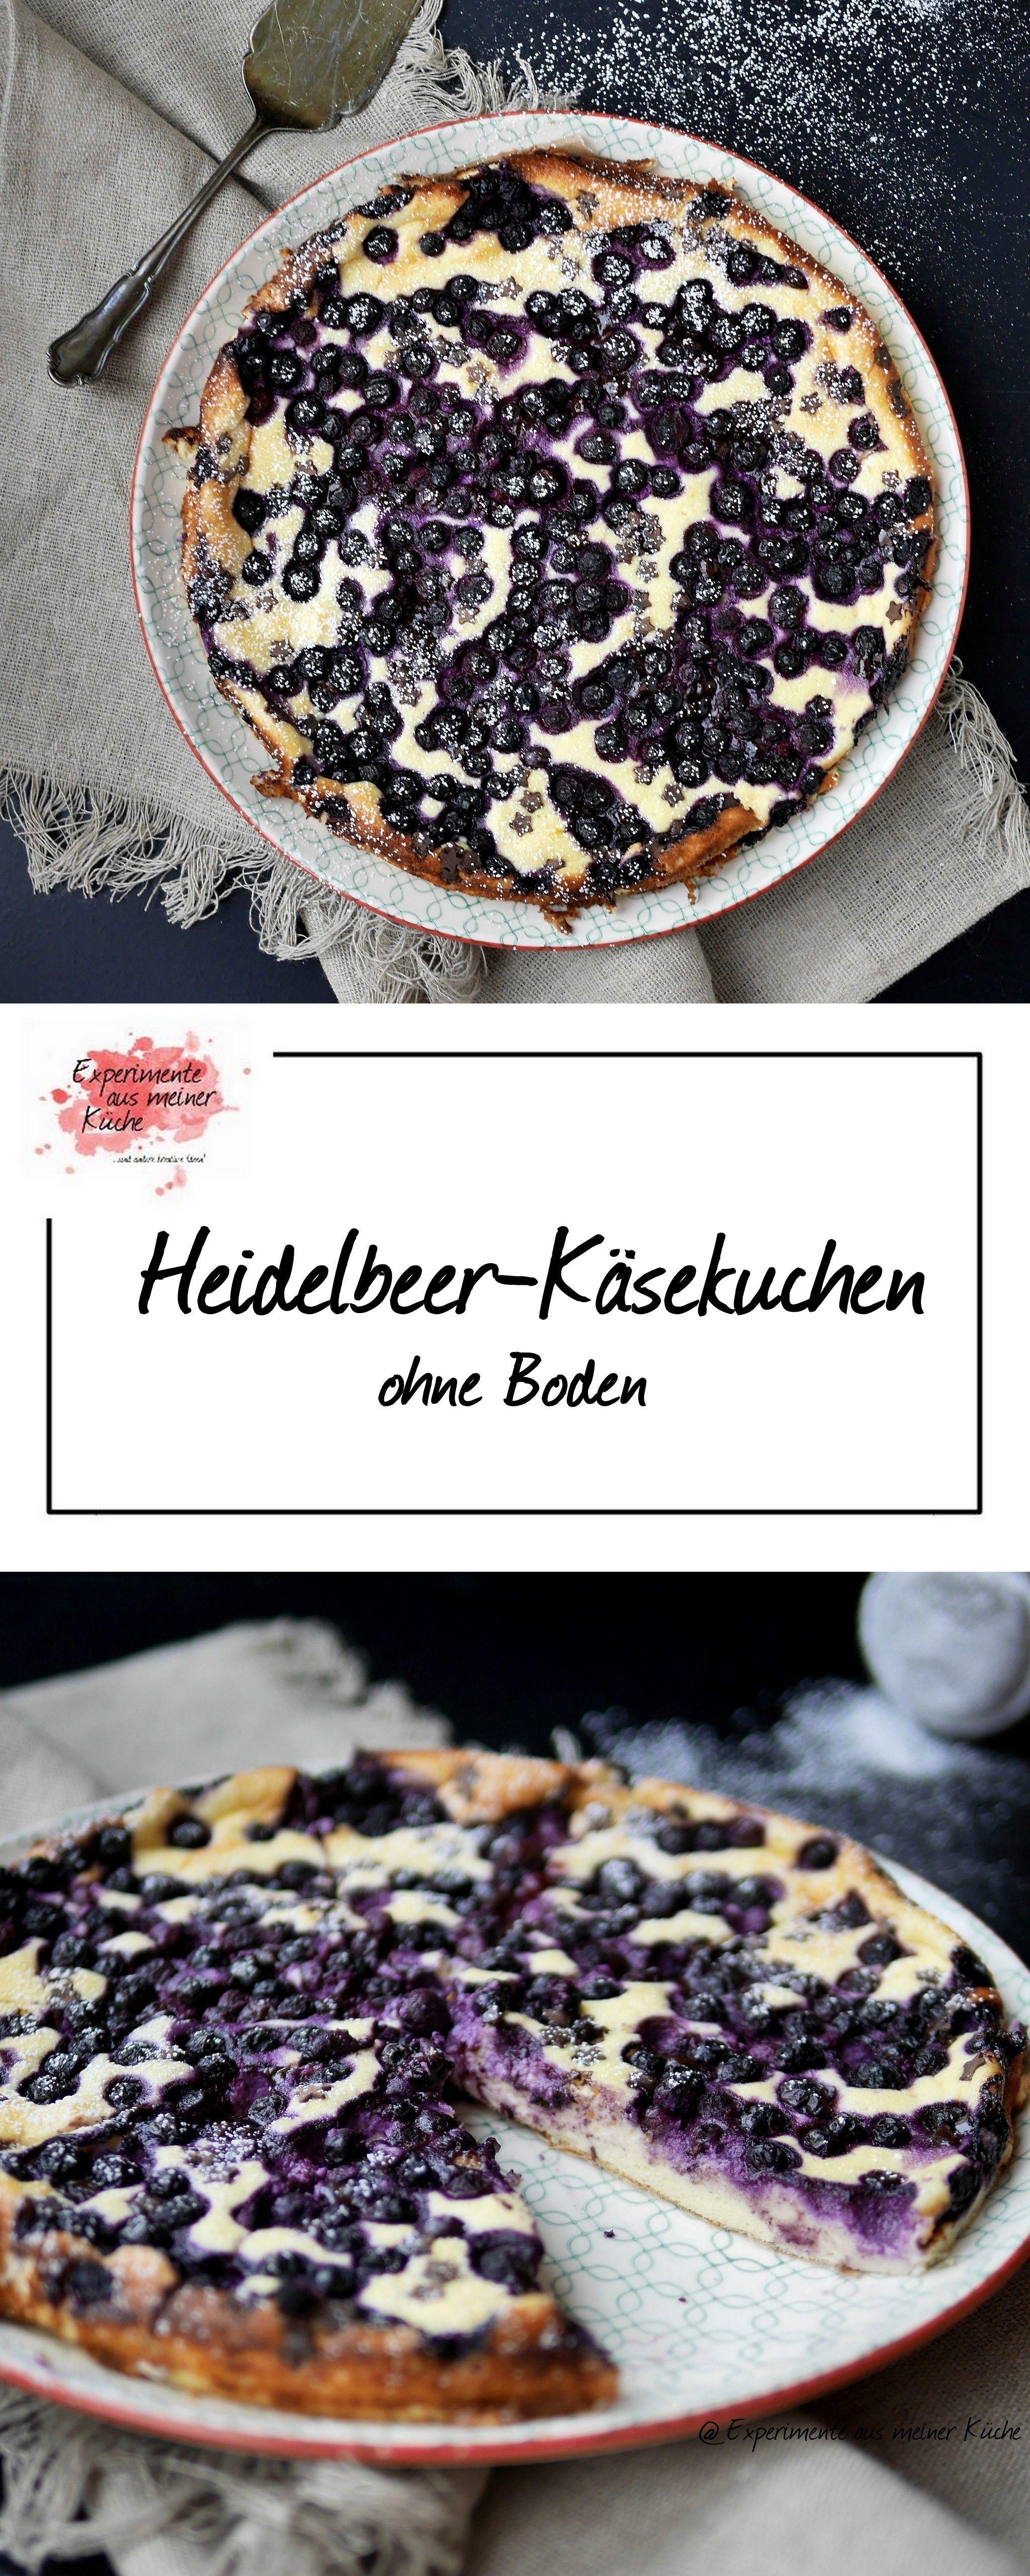 Heidelbeer Kasekuchen Recepty Pinterest Cheesecake Cheesecake